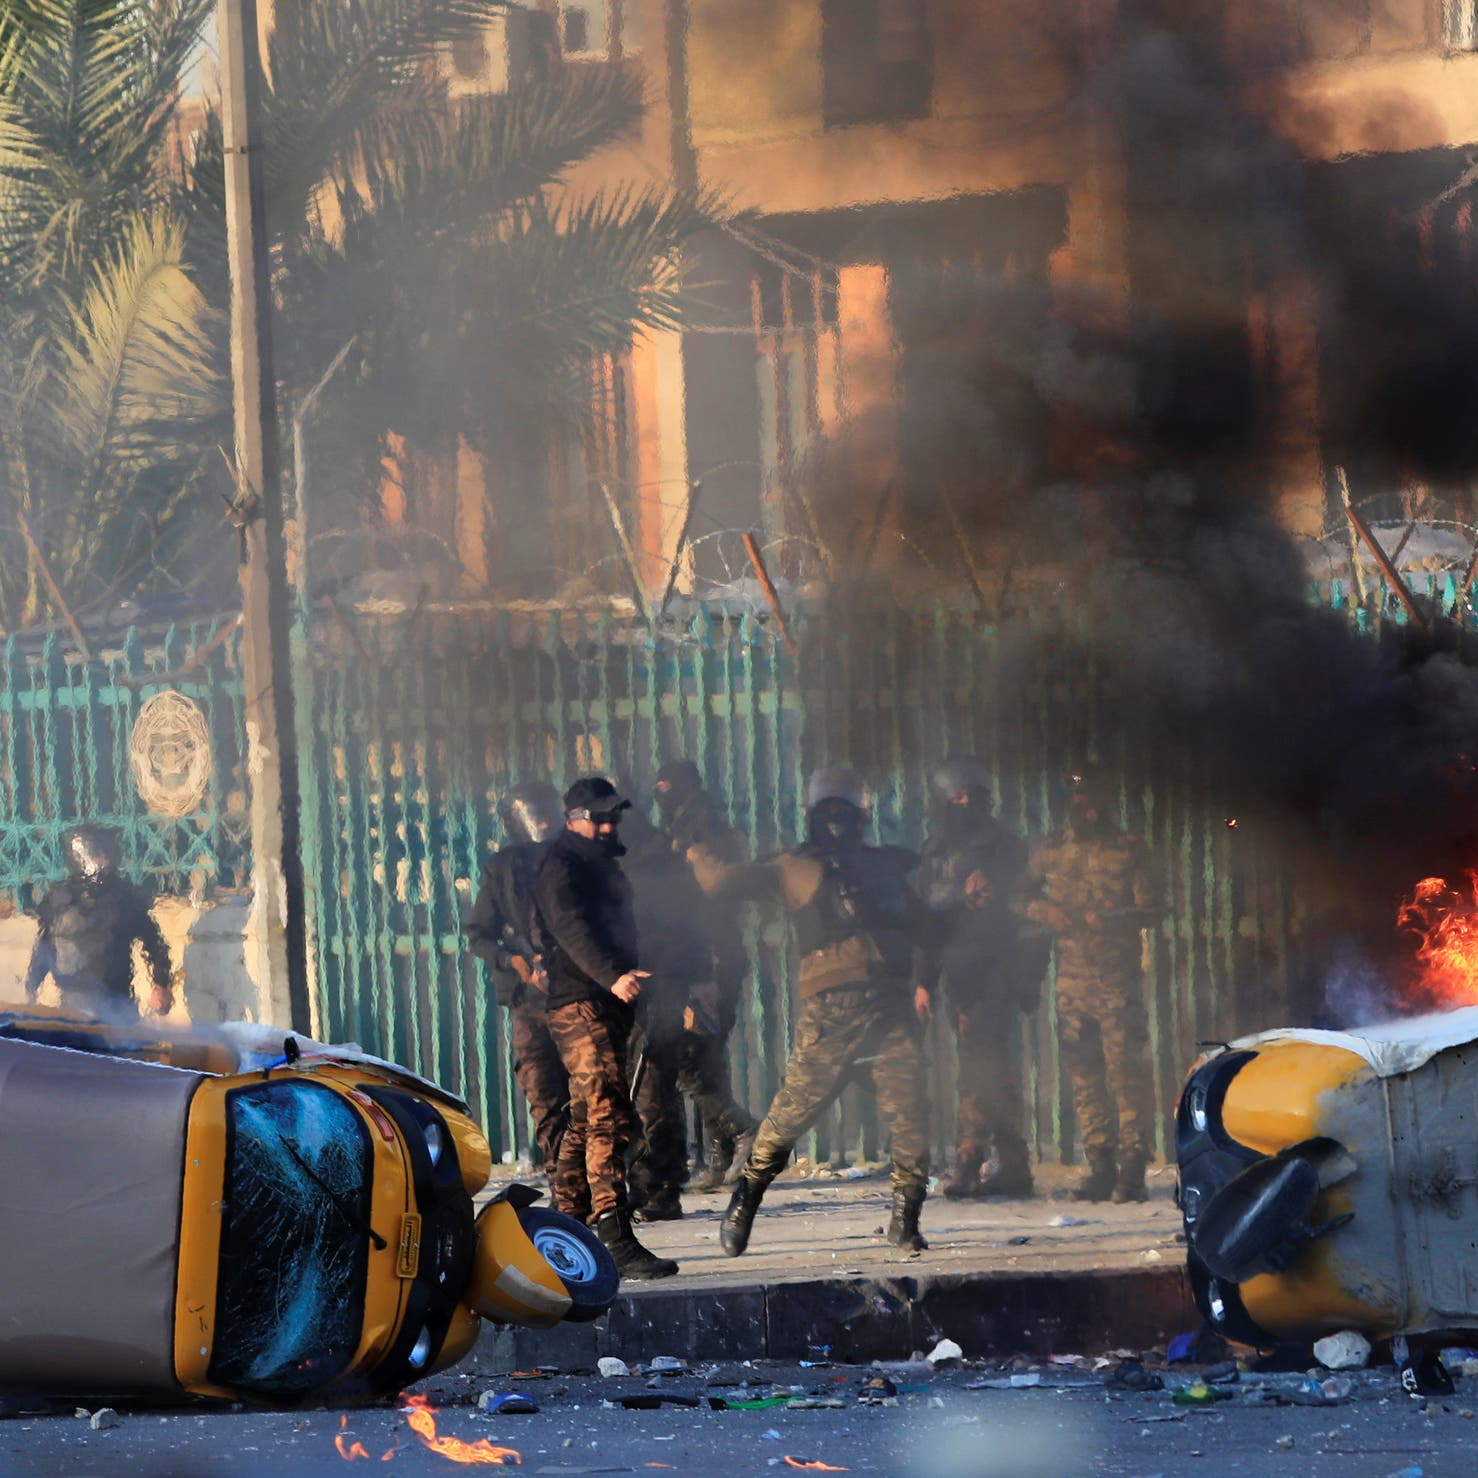 أميركا تطالب بغداد بخطوات جادة لحماية المتظاهرين